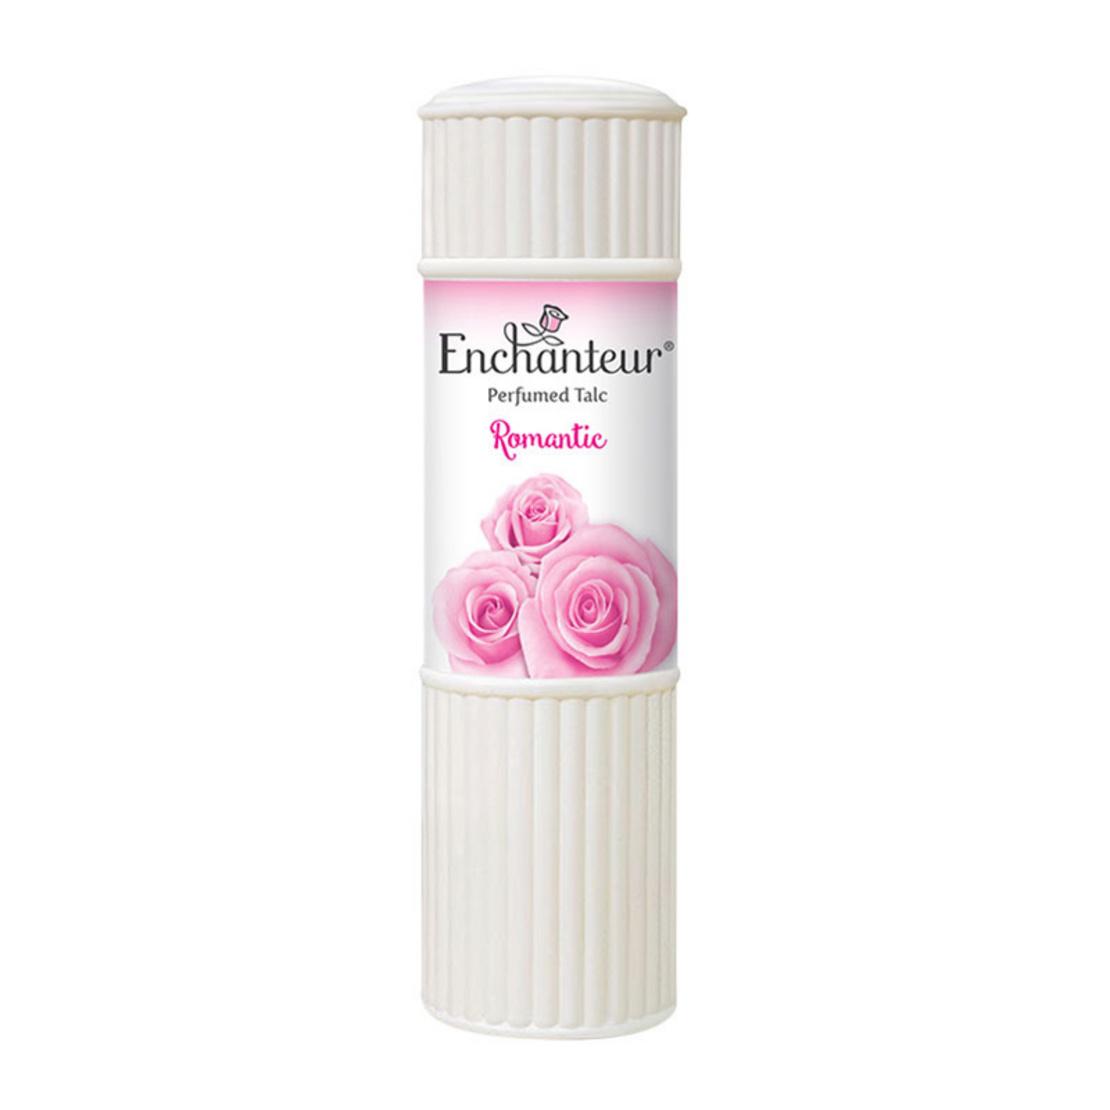 Enchanteur Perfumed Talc Romantic 100 G Eau De Cologne 120 Ml